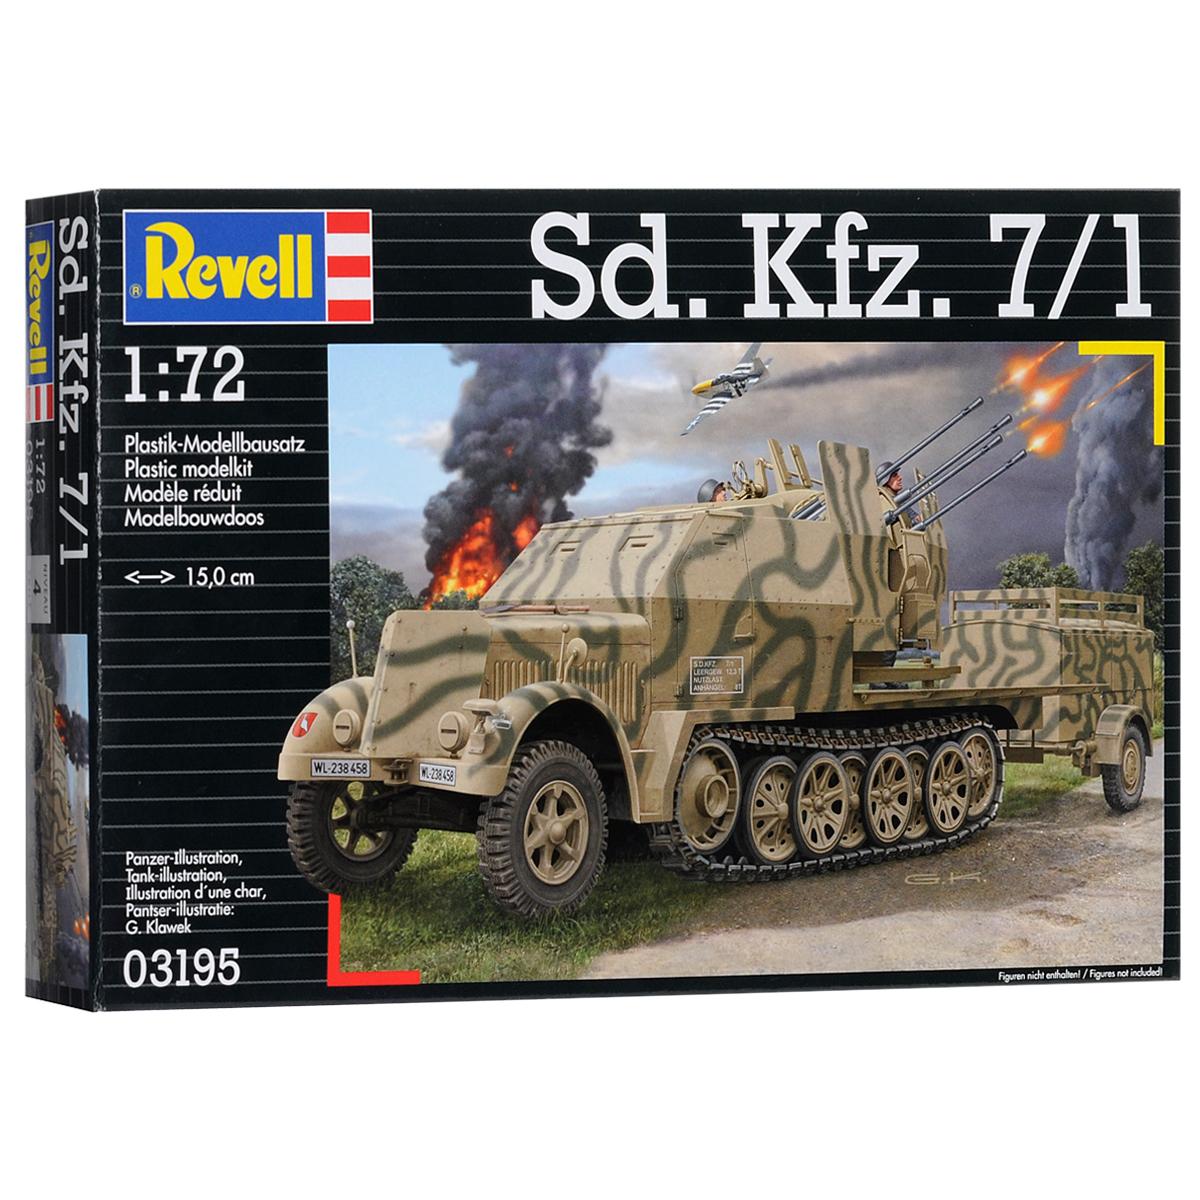 Сборная модель Revell Полугусеничный тягач Sd. Kfz. 7/103195Сборная модель Revell Полугусеничный тягач Sd. Kfz. 7/1 поможет вам и вашему ребенку придумать увлекательное занятие на долгое время. Набор включает в себя 156 пластиковых элементов, из которых можно собрать достоверную уменьшенную копию одноименного тягоча. Эти 8-тонные машины использовались в основном для перевозки пехоты Вермахта и транспортировки тяжелых орудий. Тягач мог перевозить 12 человек со скоростью до 50 км/ч. Модификация Sd. Kfz. 7/1 отличалась от обычной версии тягача лафетом, на который были установлены два зенитных орудия 38 мм. Кроме того на кабину было установлено дополнительное бронирование. Также в наборе схематичная инструкция по сборке. Процесс сборки развивает интеллектуальные и инструментальные способности, воображение и конструктивное мышление, а также прививает практические навыки работы со схемами и чертежами. Уровень сложности: 4. УВАЖАЕМЫЕ КЛИЕНТЫ! Обращаем ваше внимание на тот факт, что элементы для сборки не...